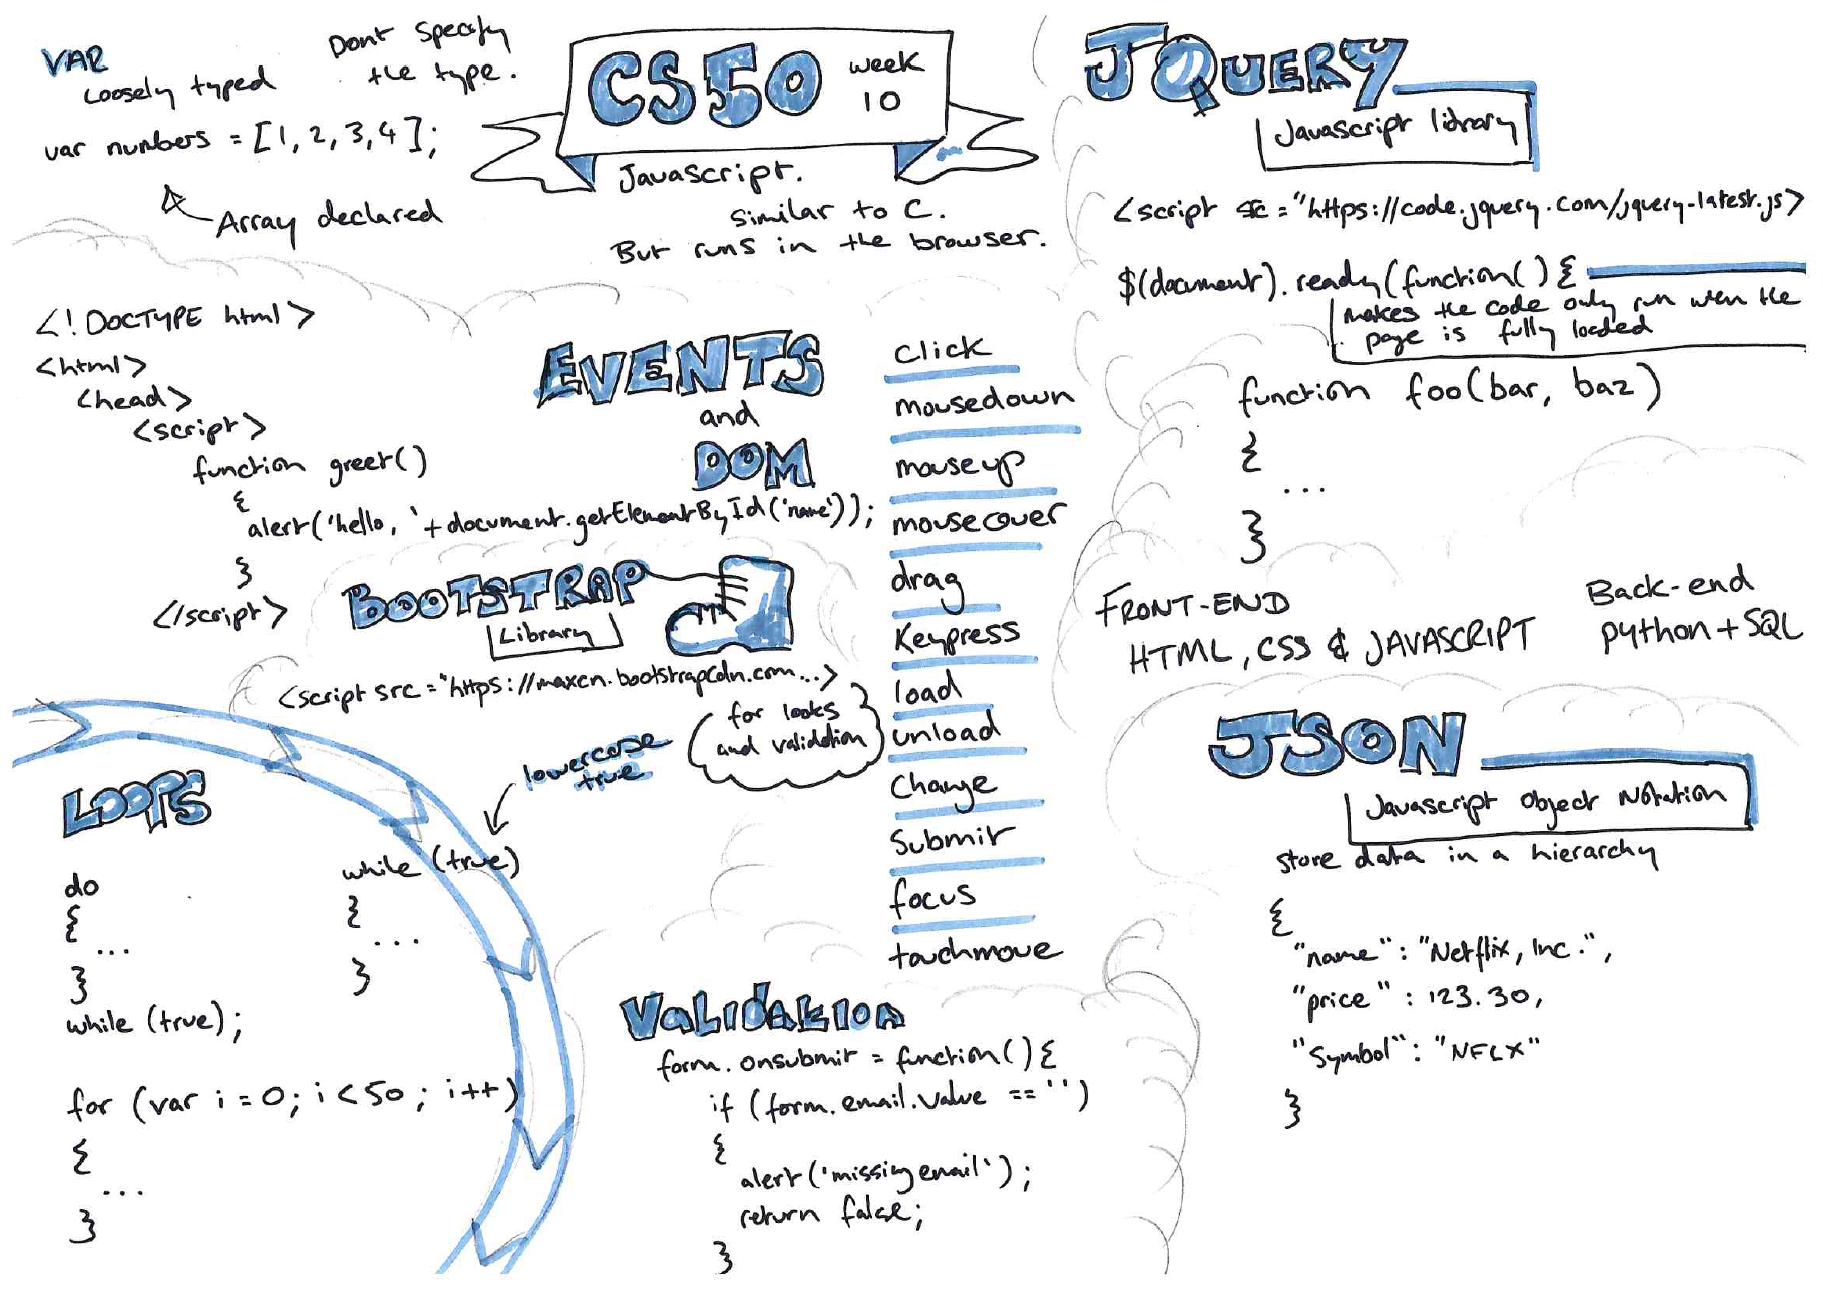 week 10 sketch notes